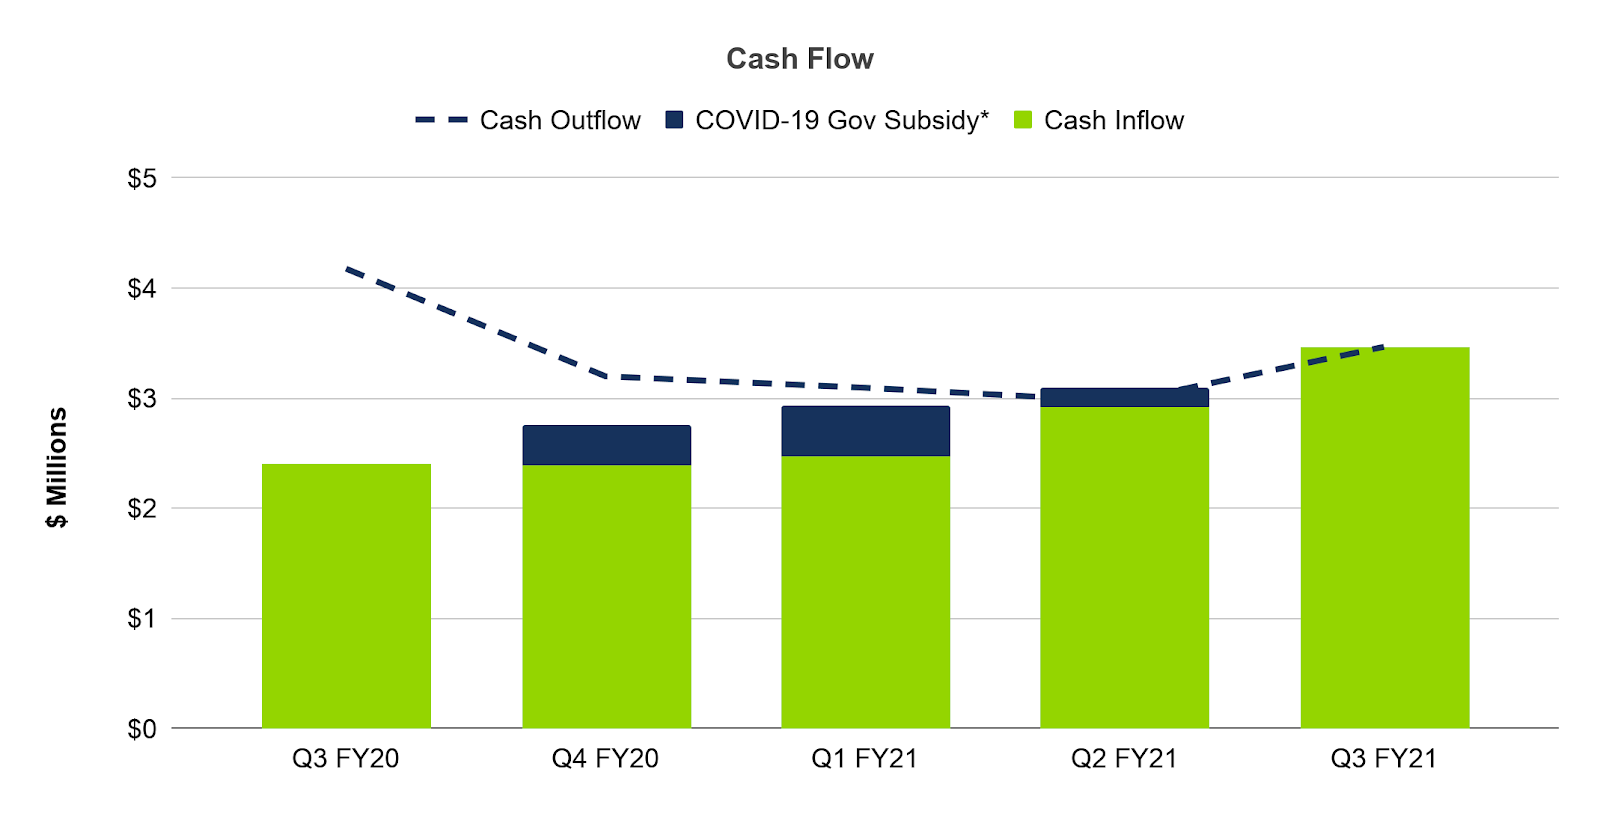 Cash flow bar graph